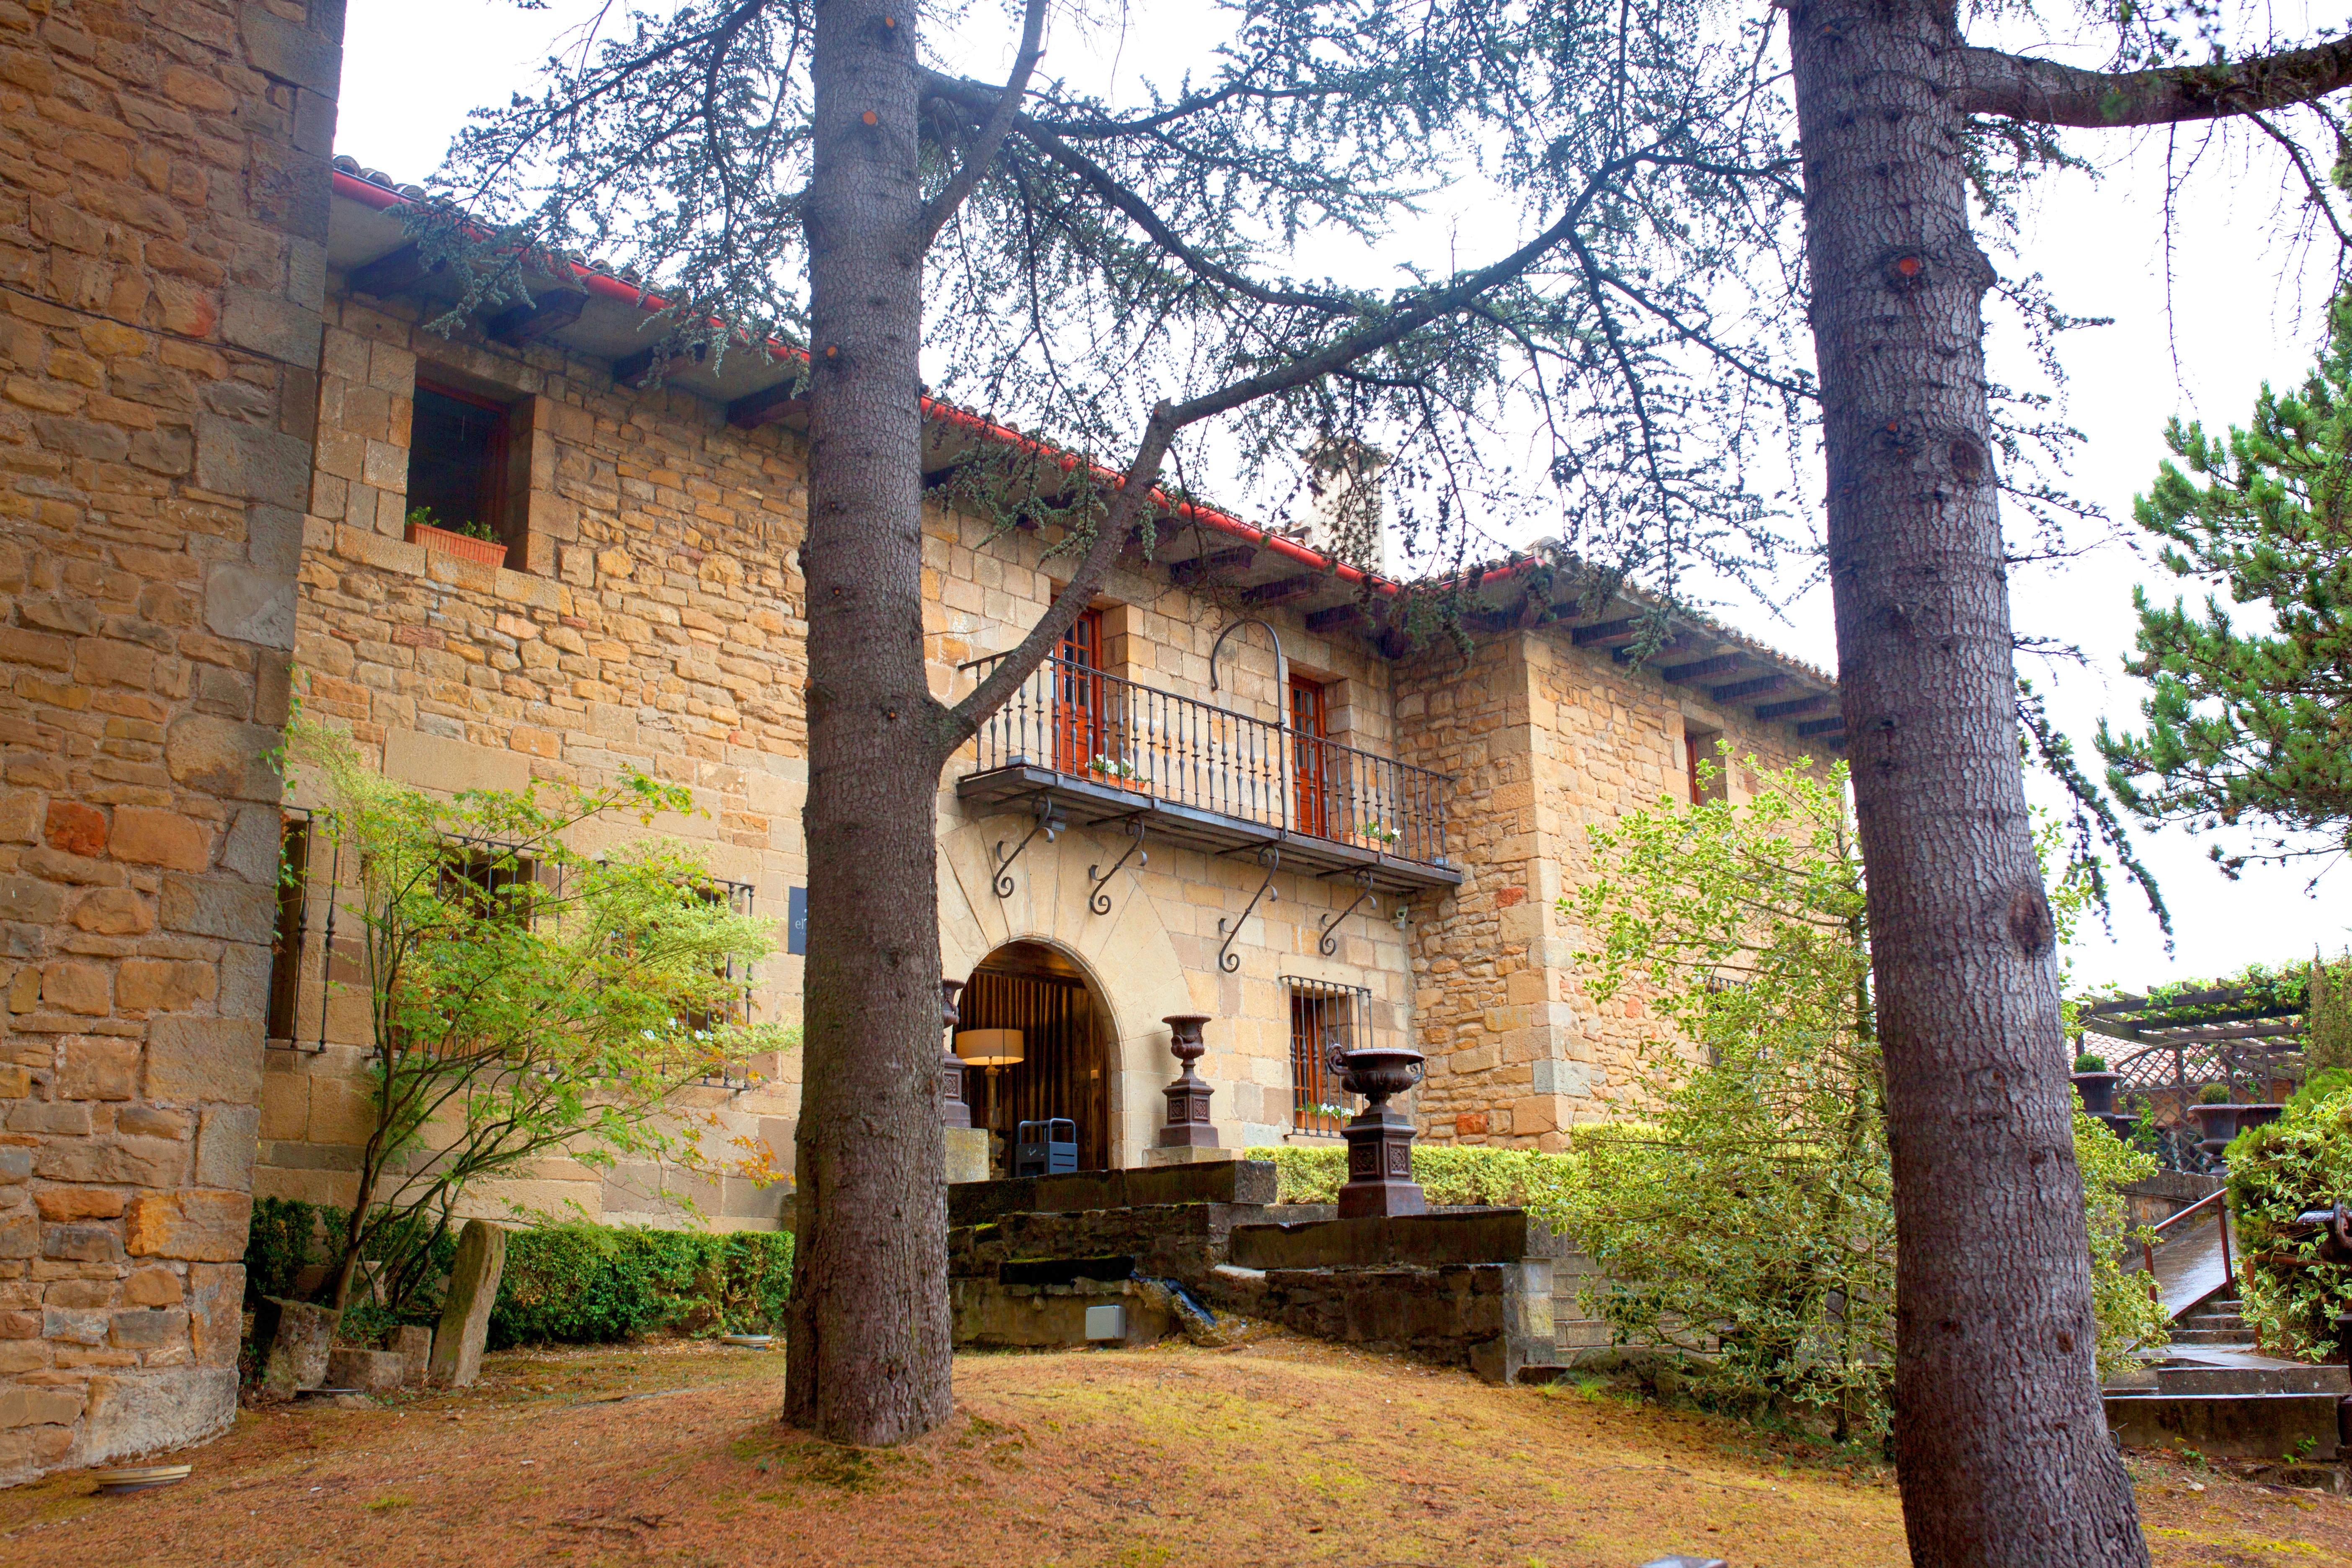 <strong>Hoteles en Pamlona cuidad - El Toro Rusticae</strong>